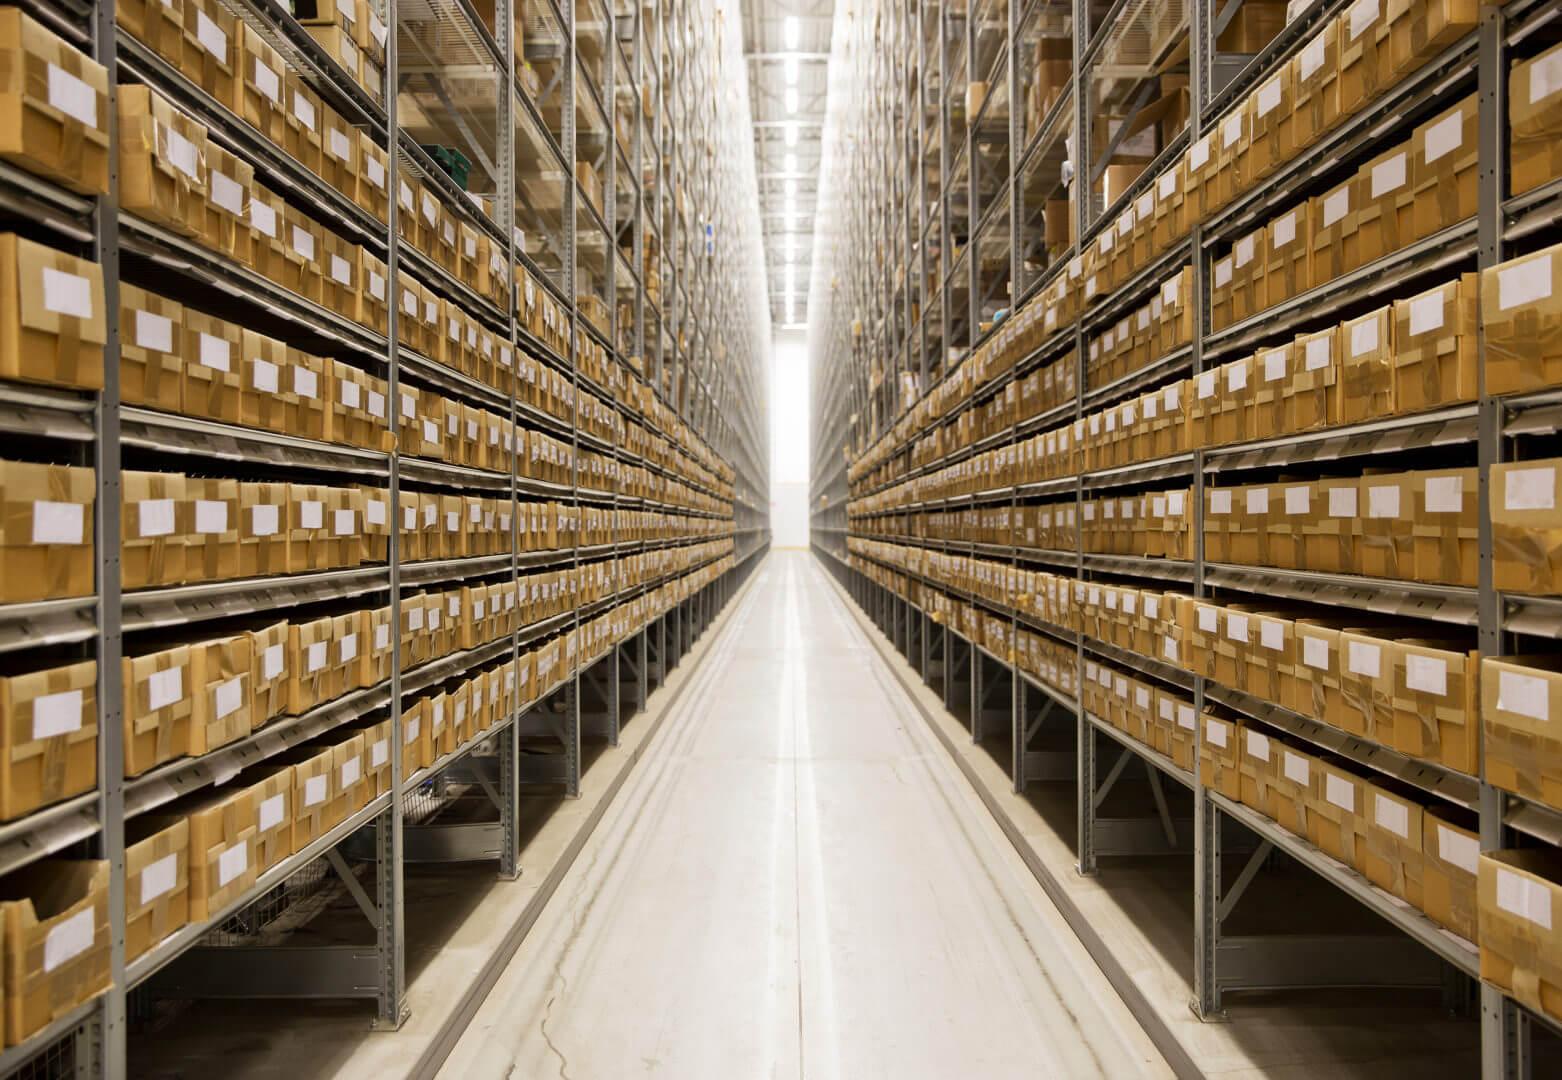 Требования пожарной безопасности к складским помещениям — о чем надо знать владельцу склада?